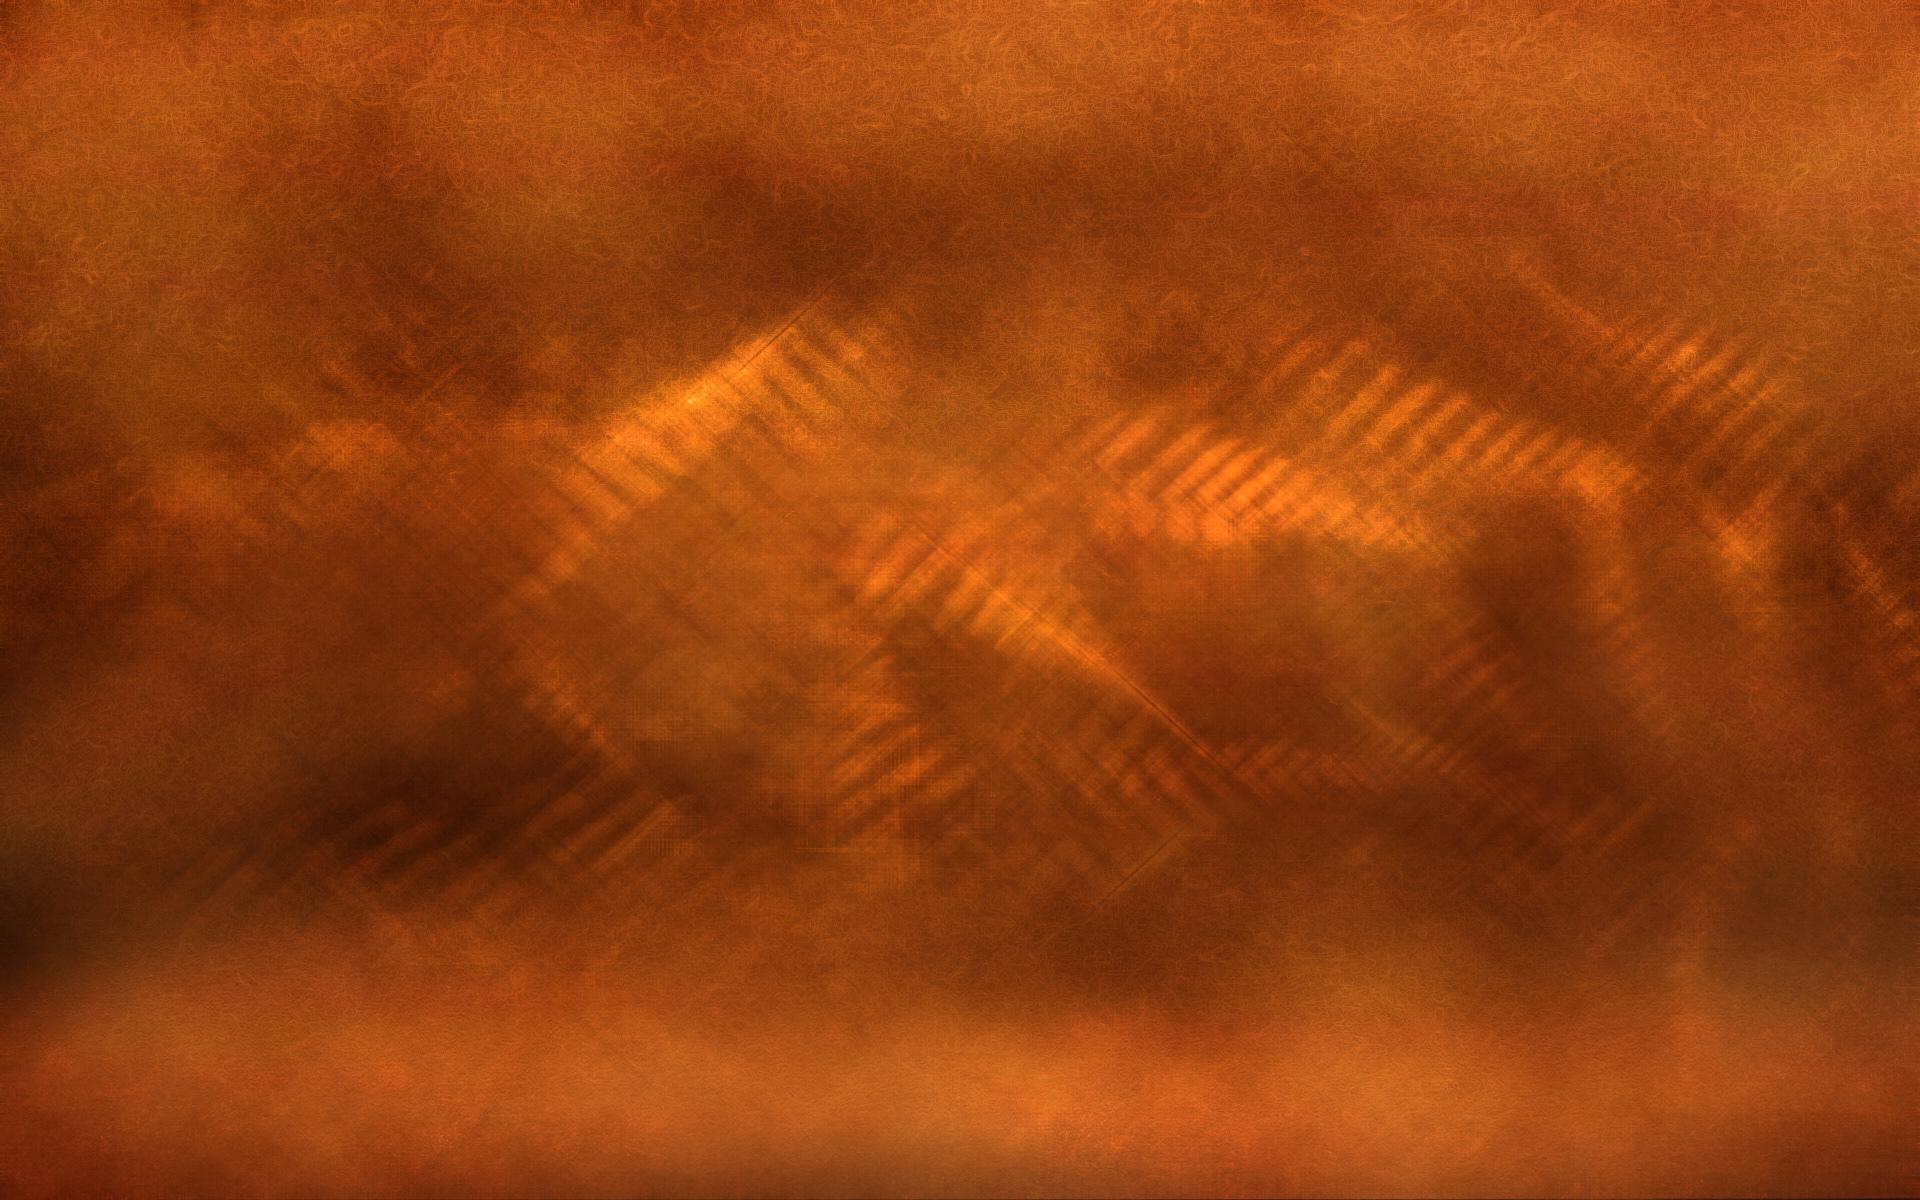 texture orange copper brown dark tone stripes glow background 1920x1200